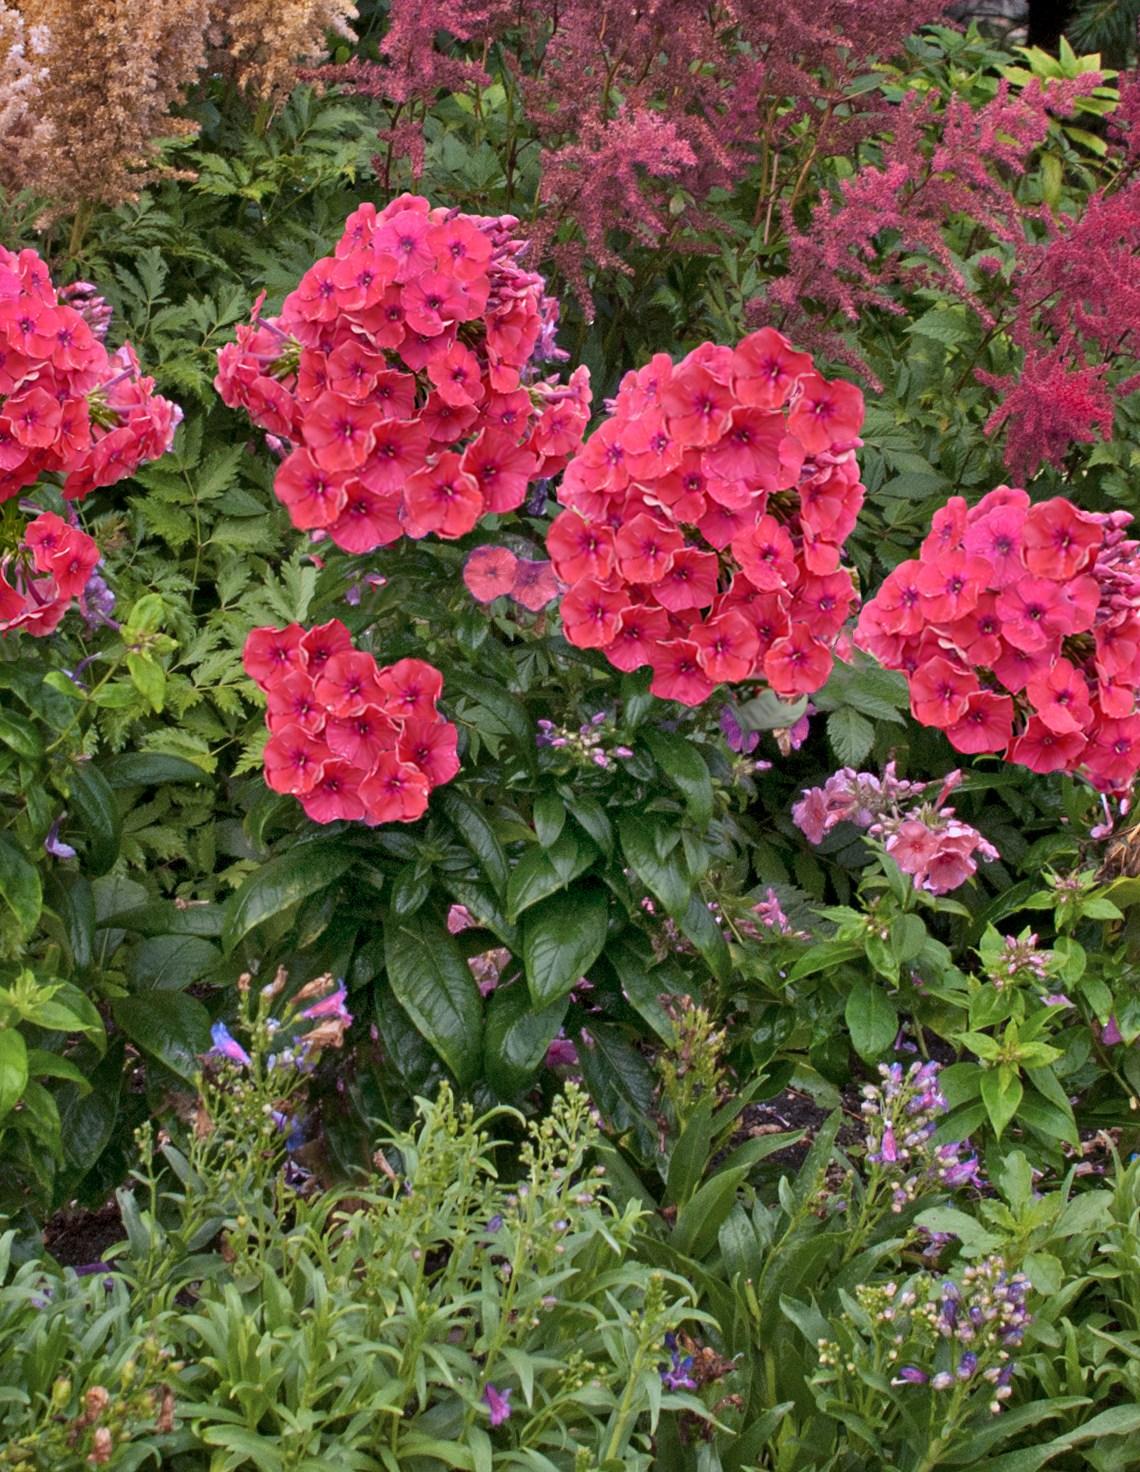 Tall Garden Phlox Fragrant Breathtaking Sturdy Powerful